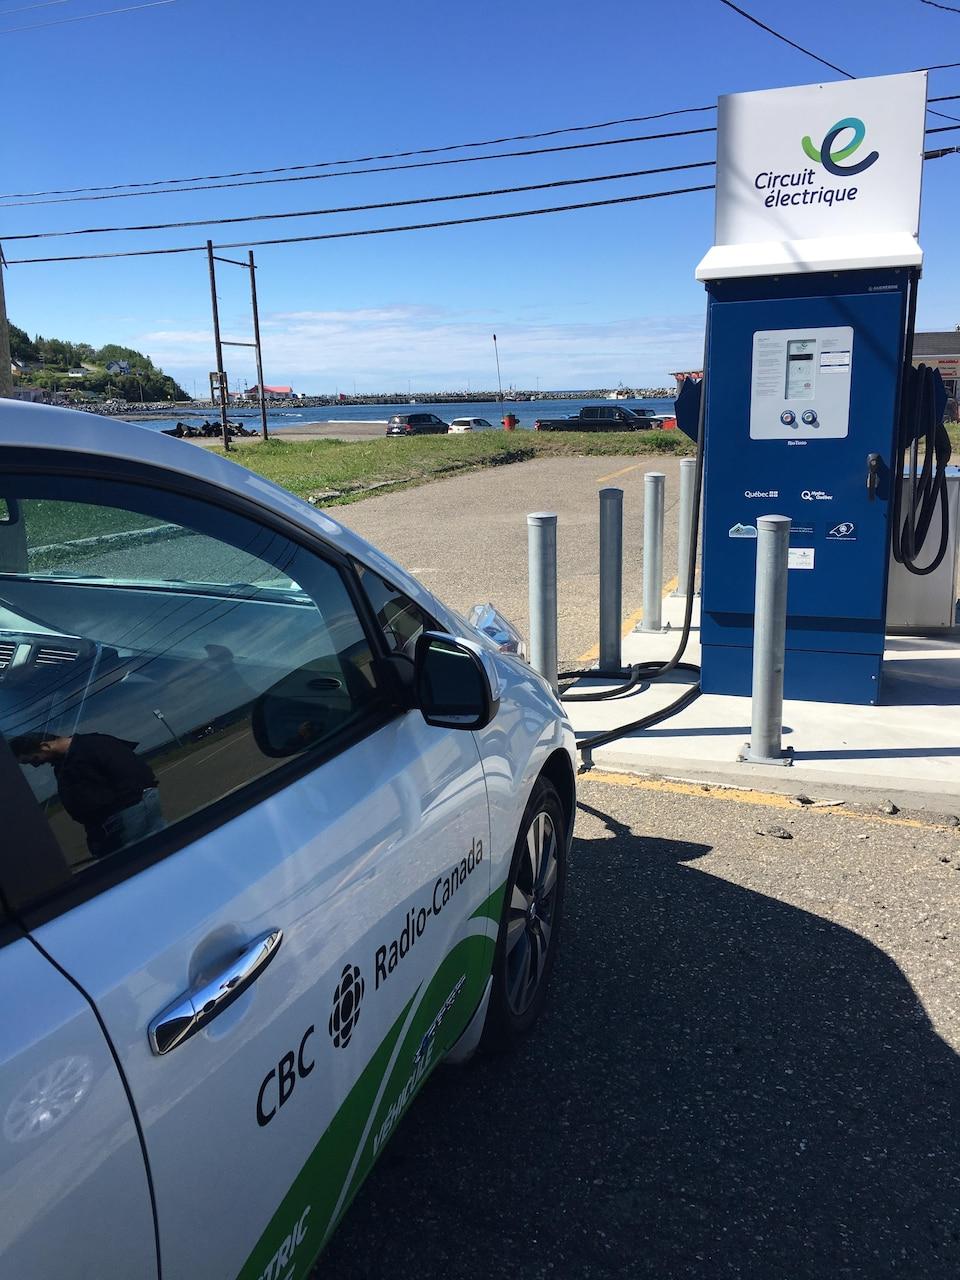 Borne de recharge rapide à Mont-Louis, en Gaspésie